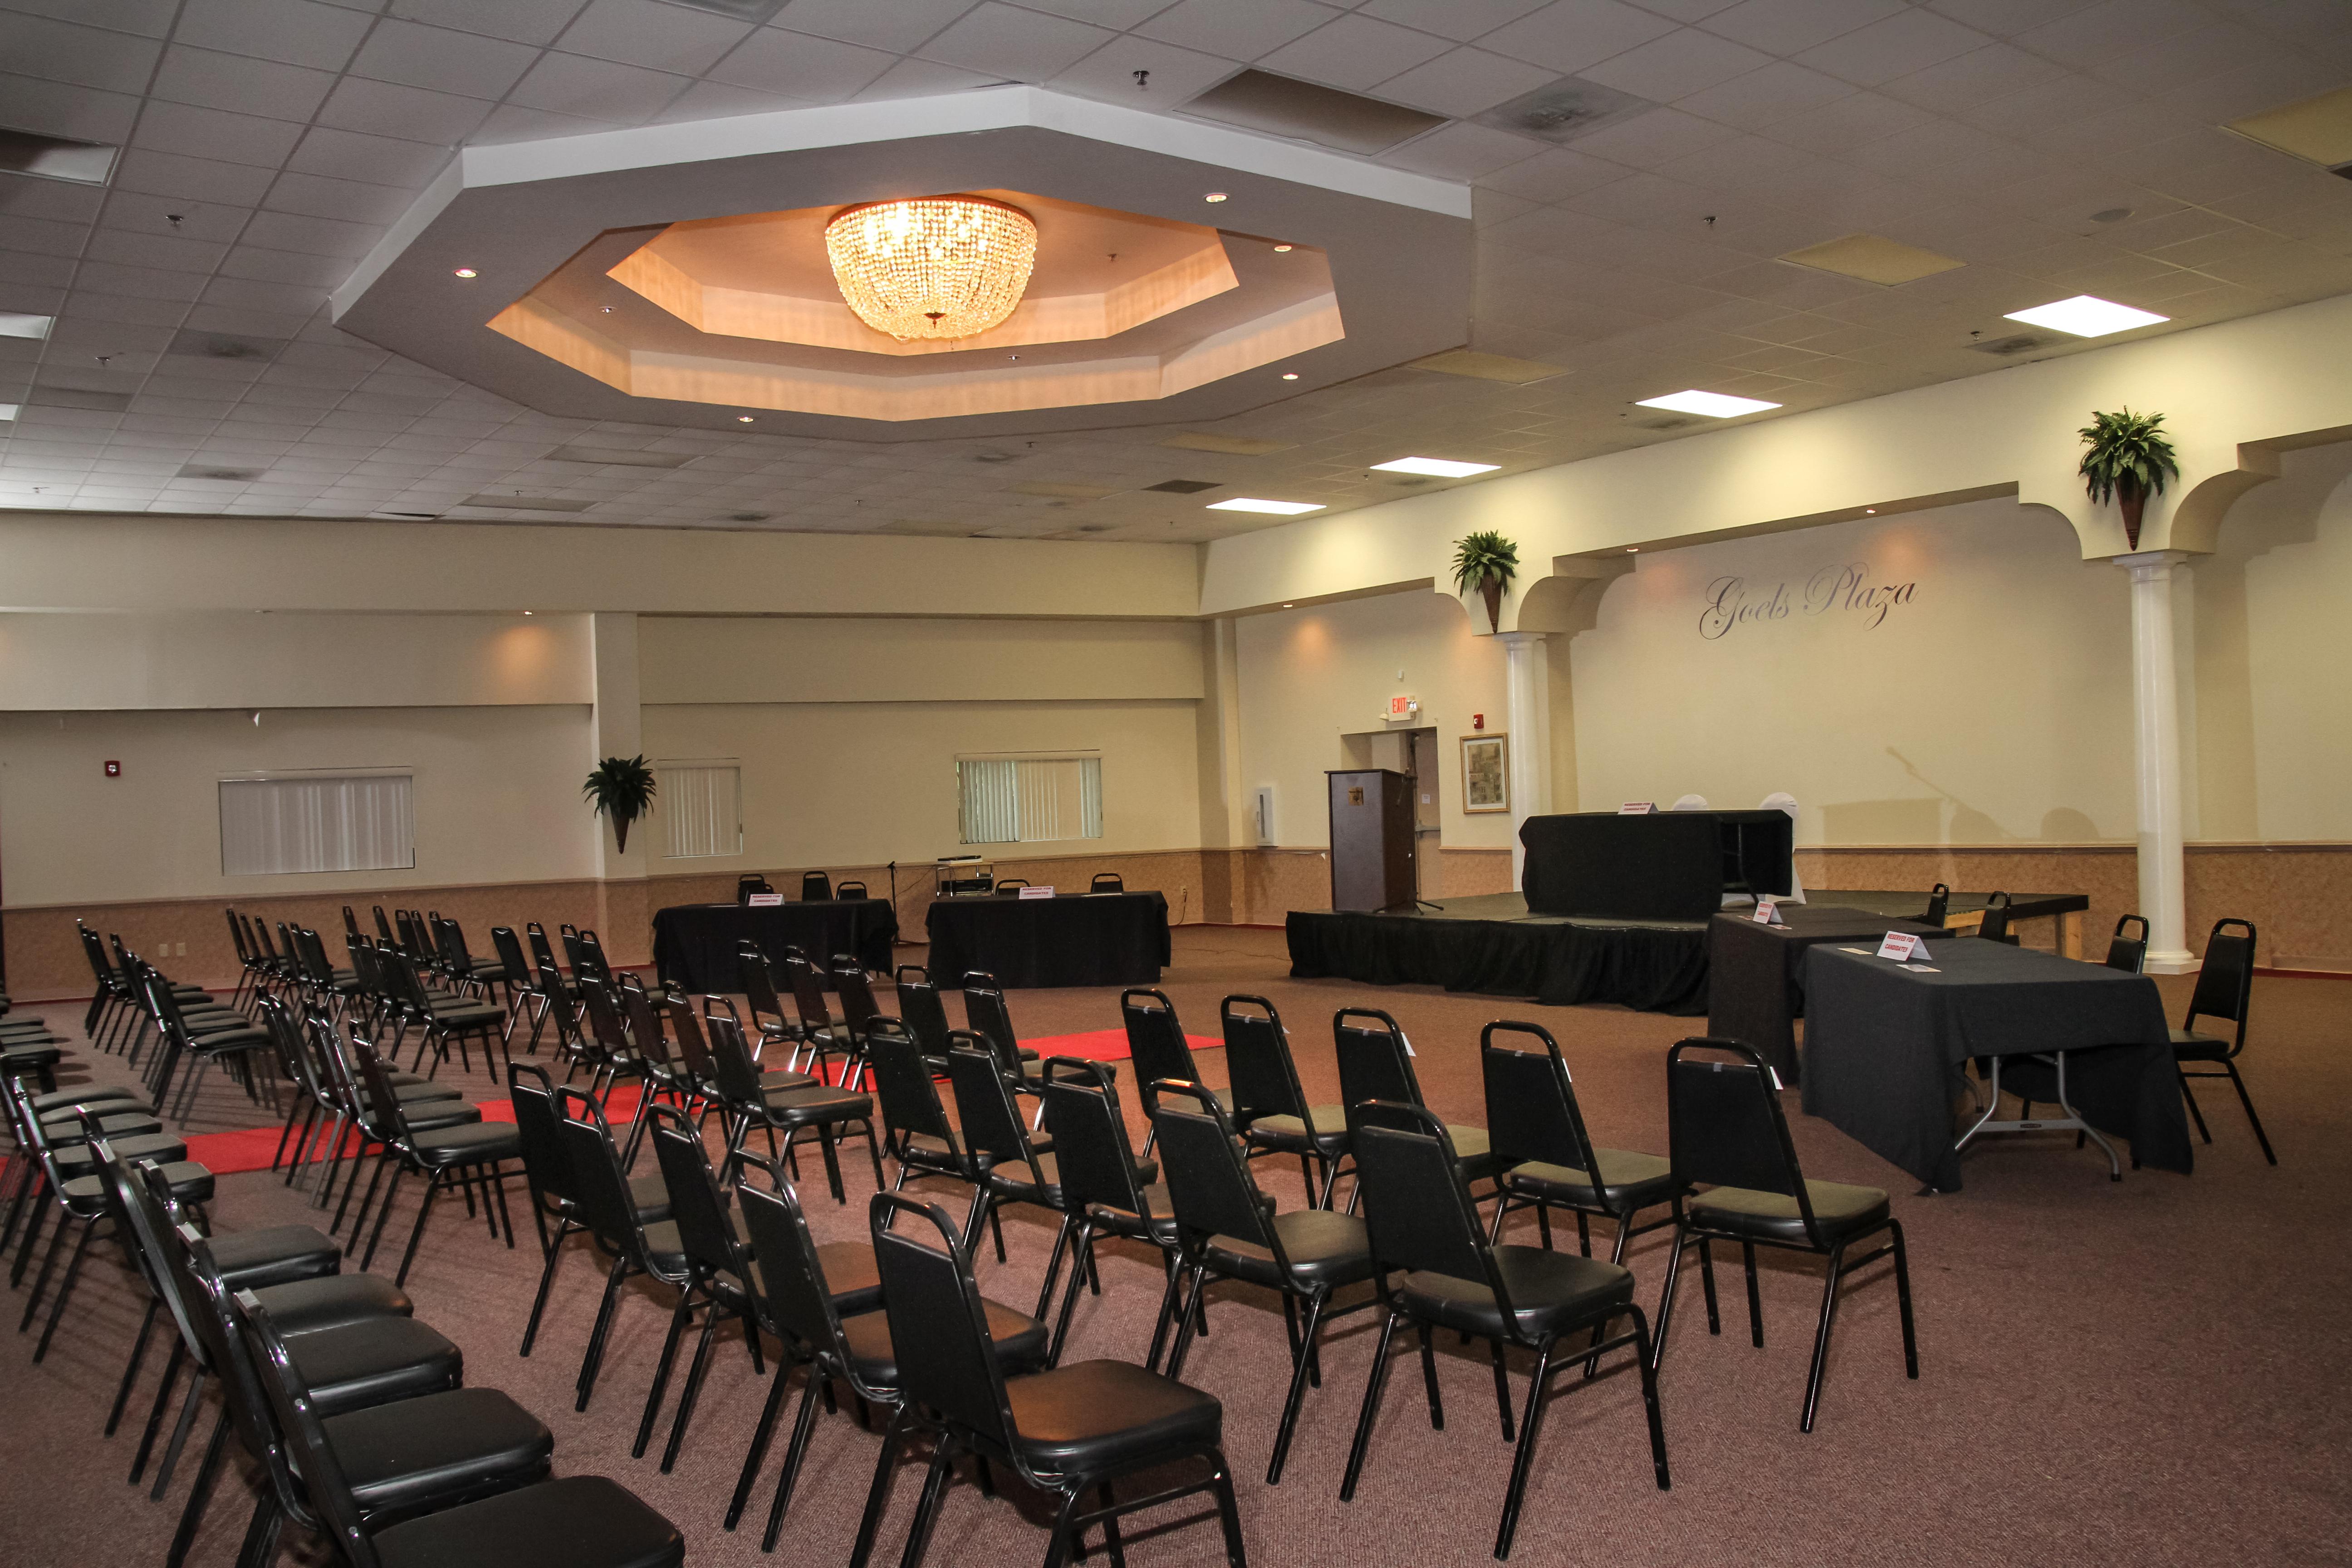 Auditorium Set up in Grand